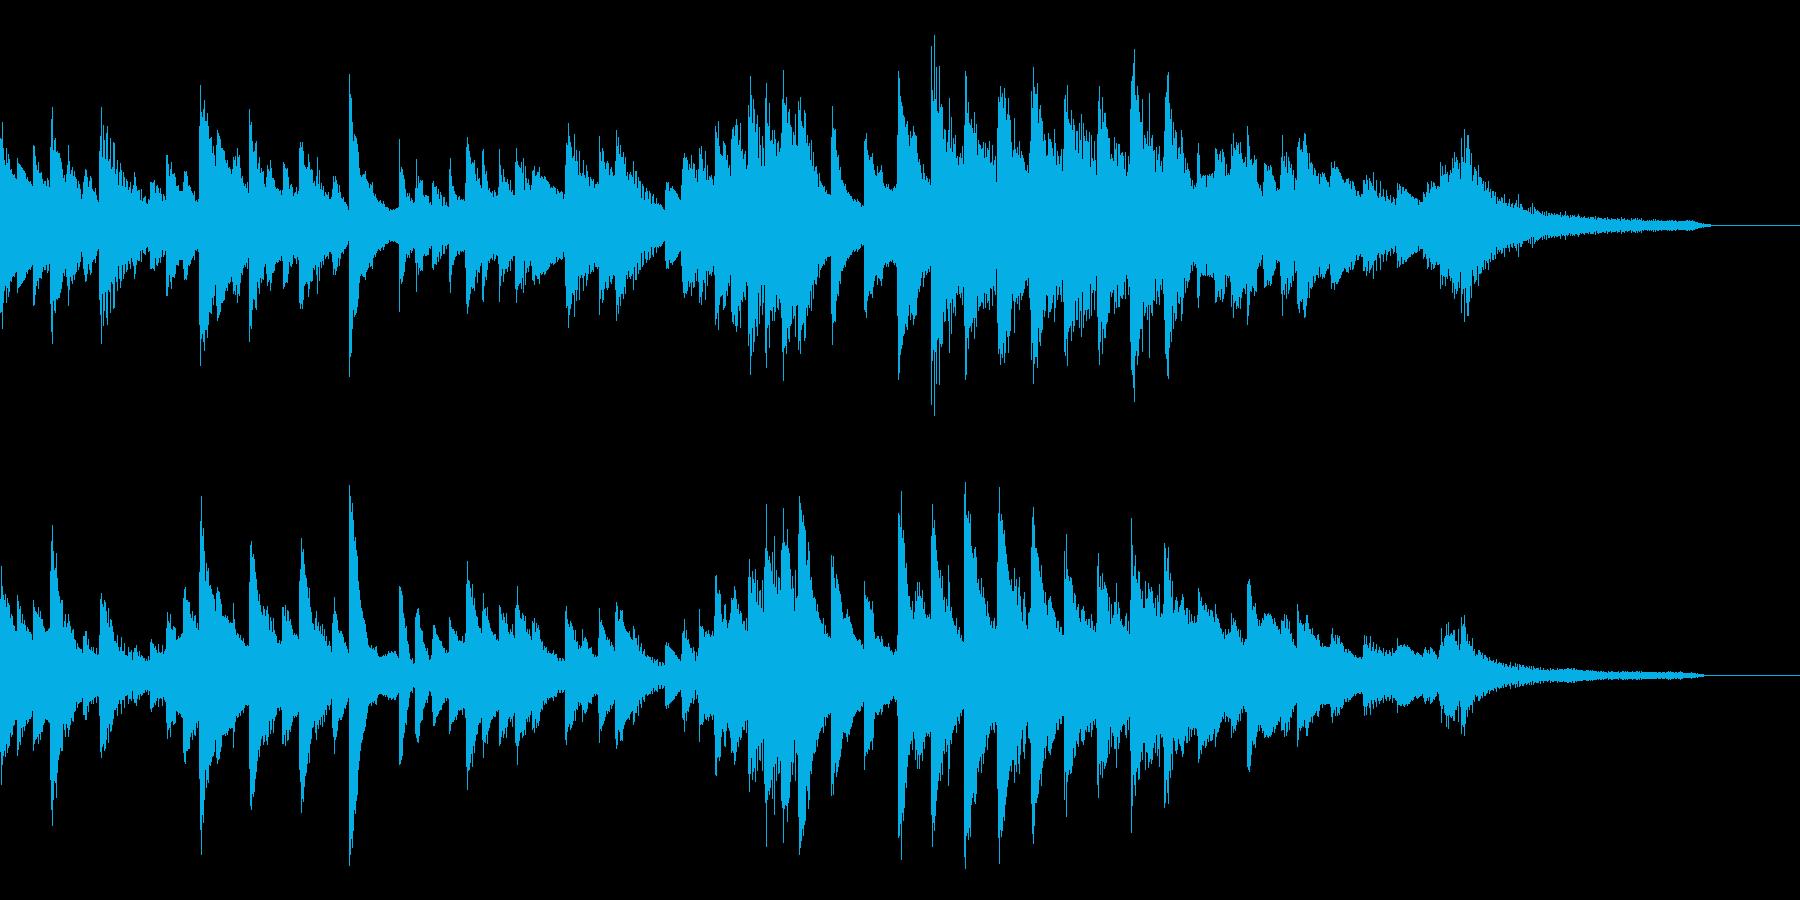 悲しいほど美しい日本の夏のピアノジングルの再生済みの波形